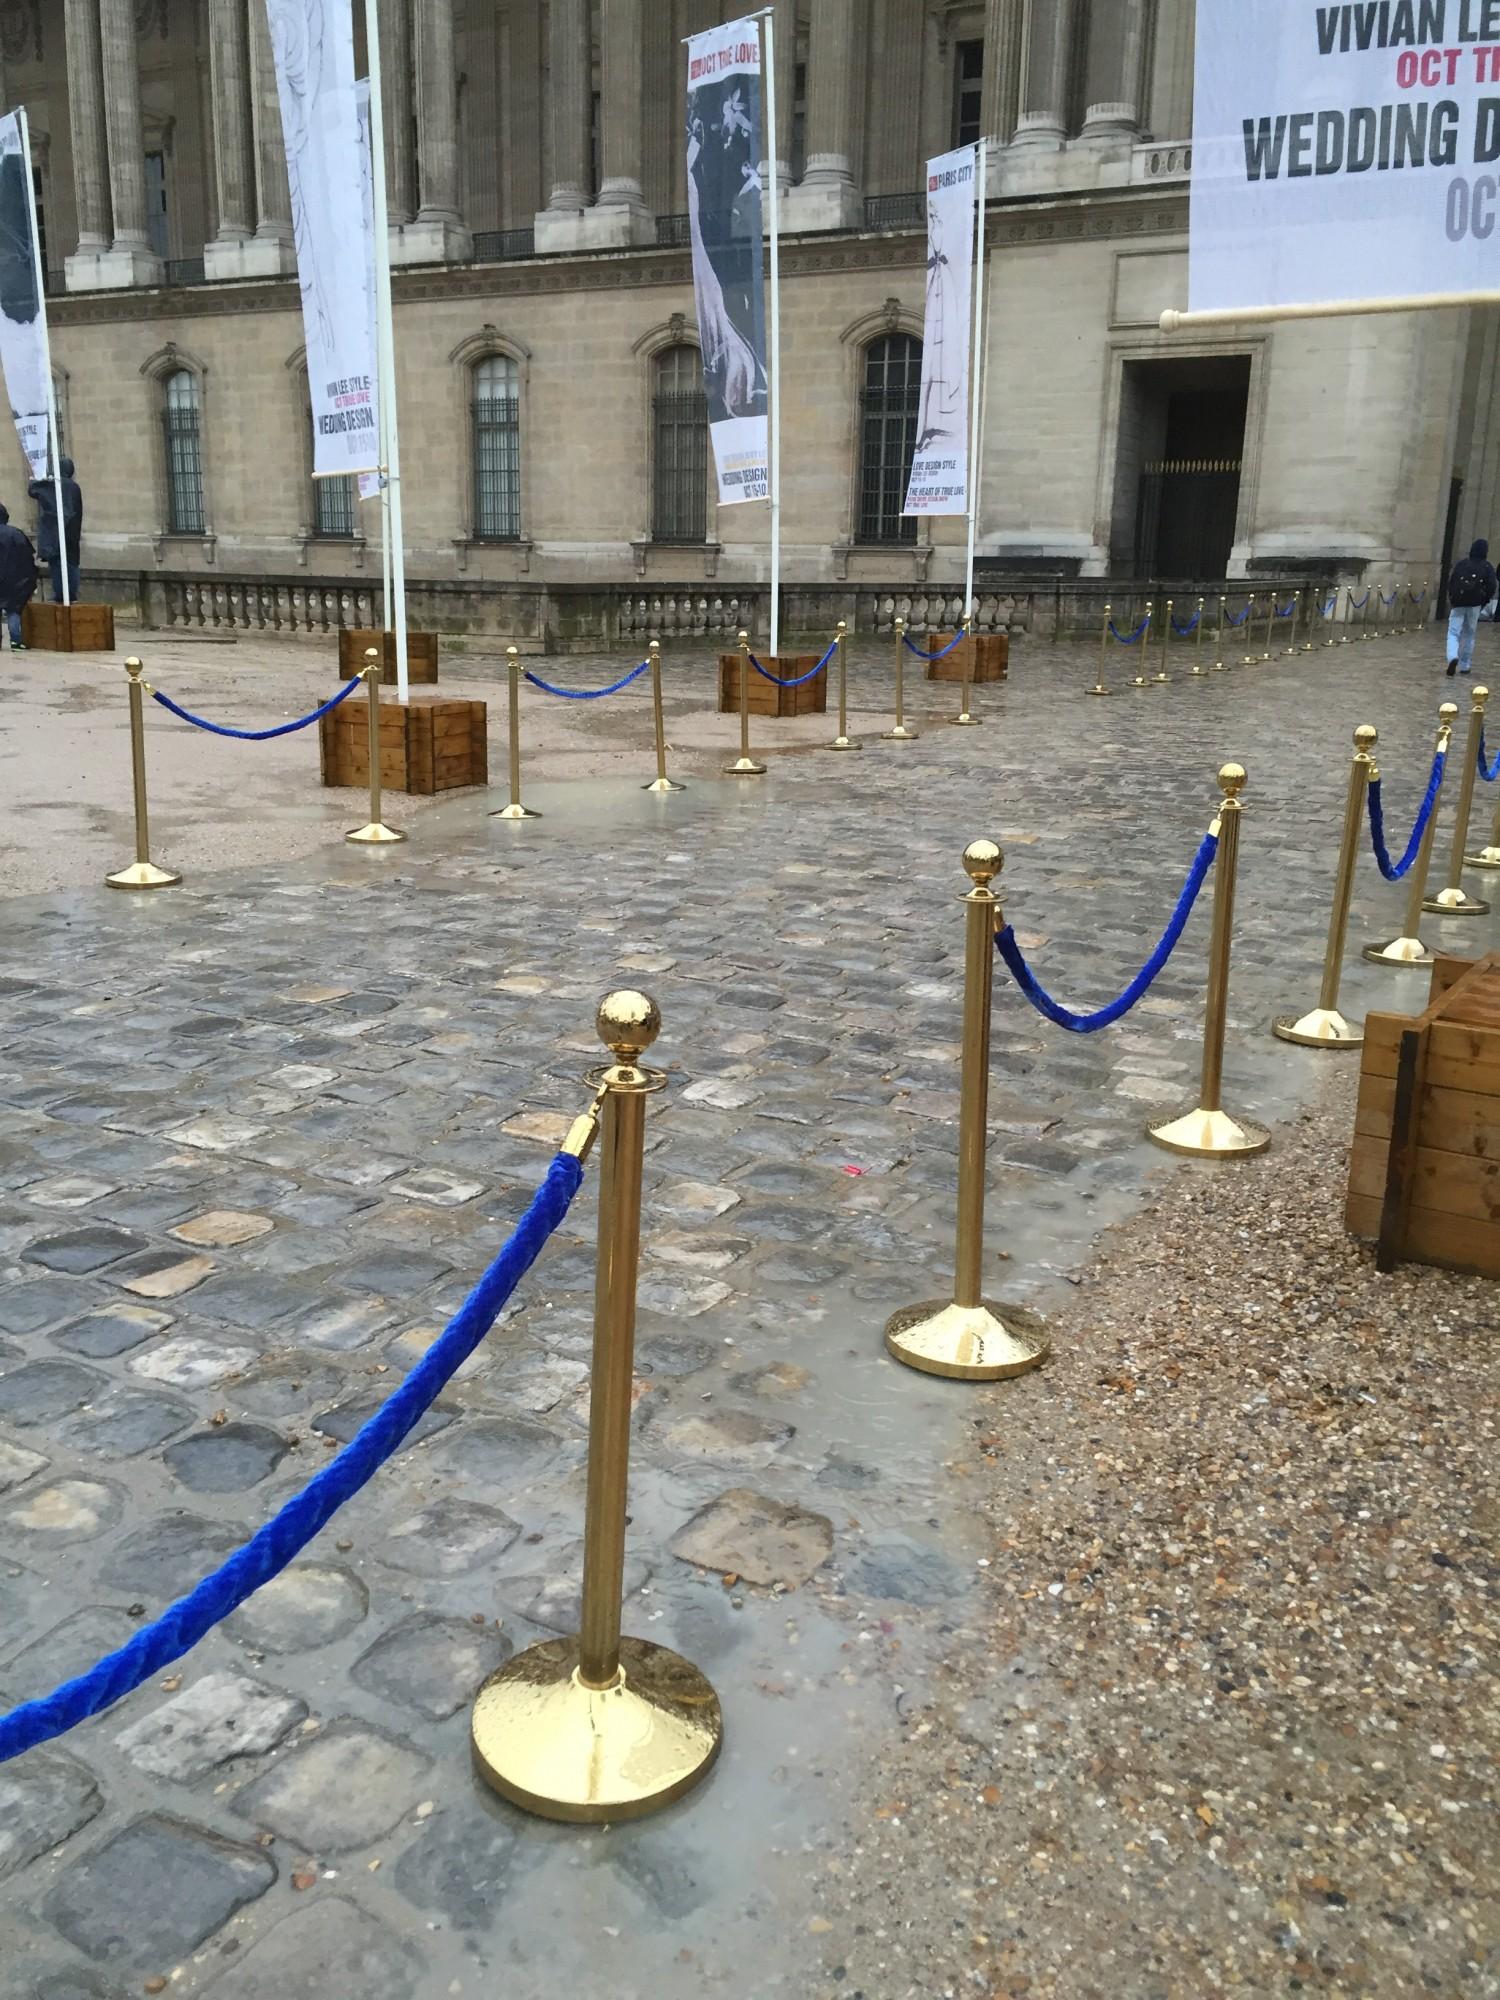 Location et mise en place de poteaux dor s corde bleue pour un tournage de film au mus e du - Location maison pour film tournage ...